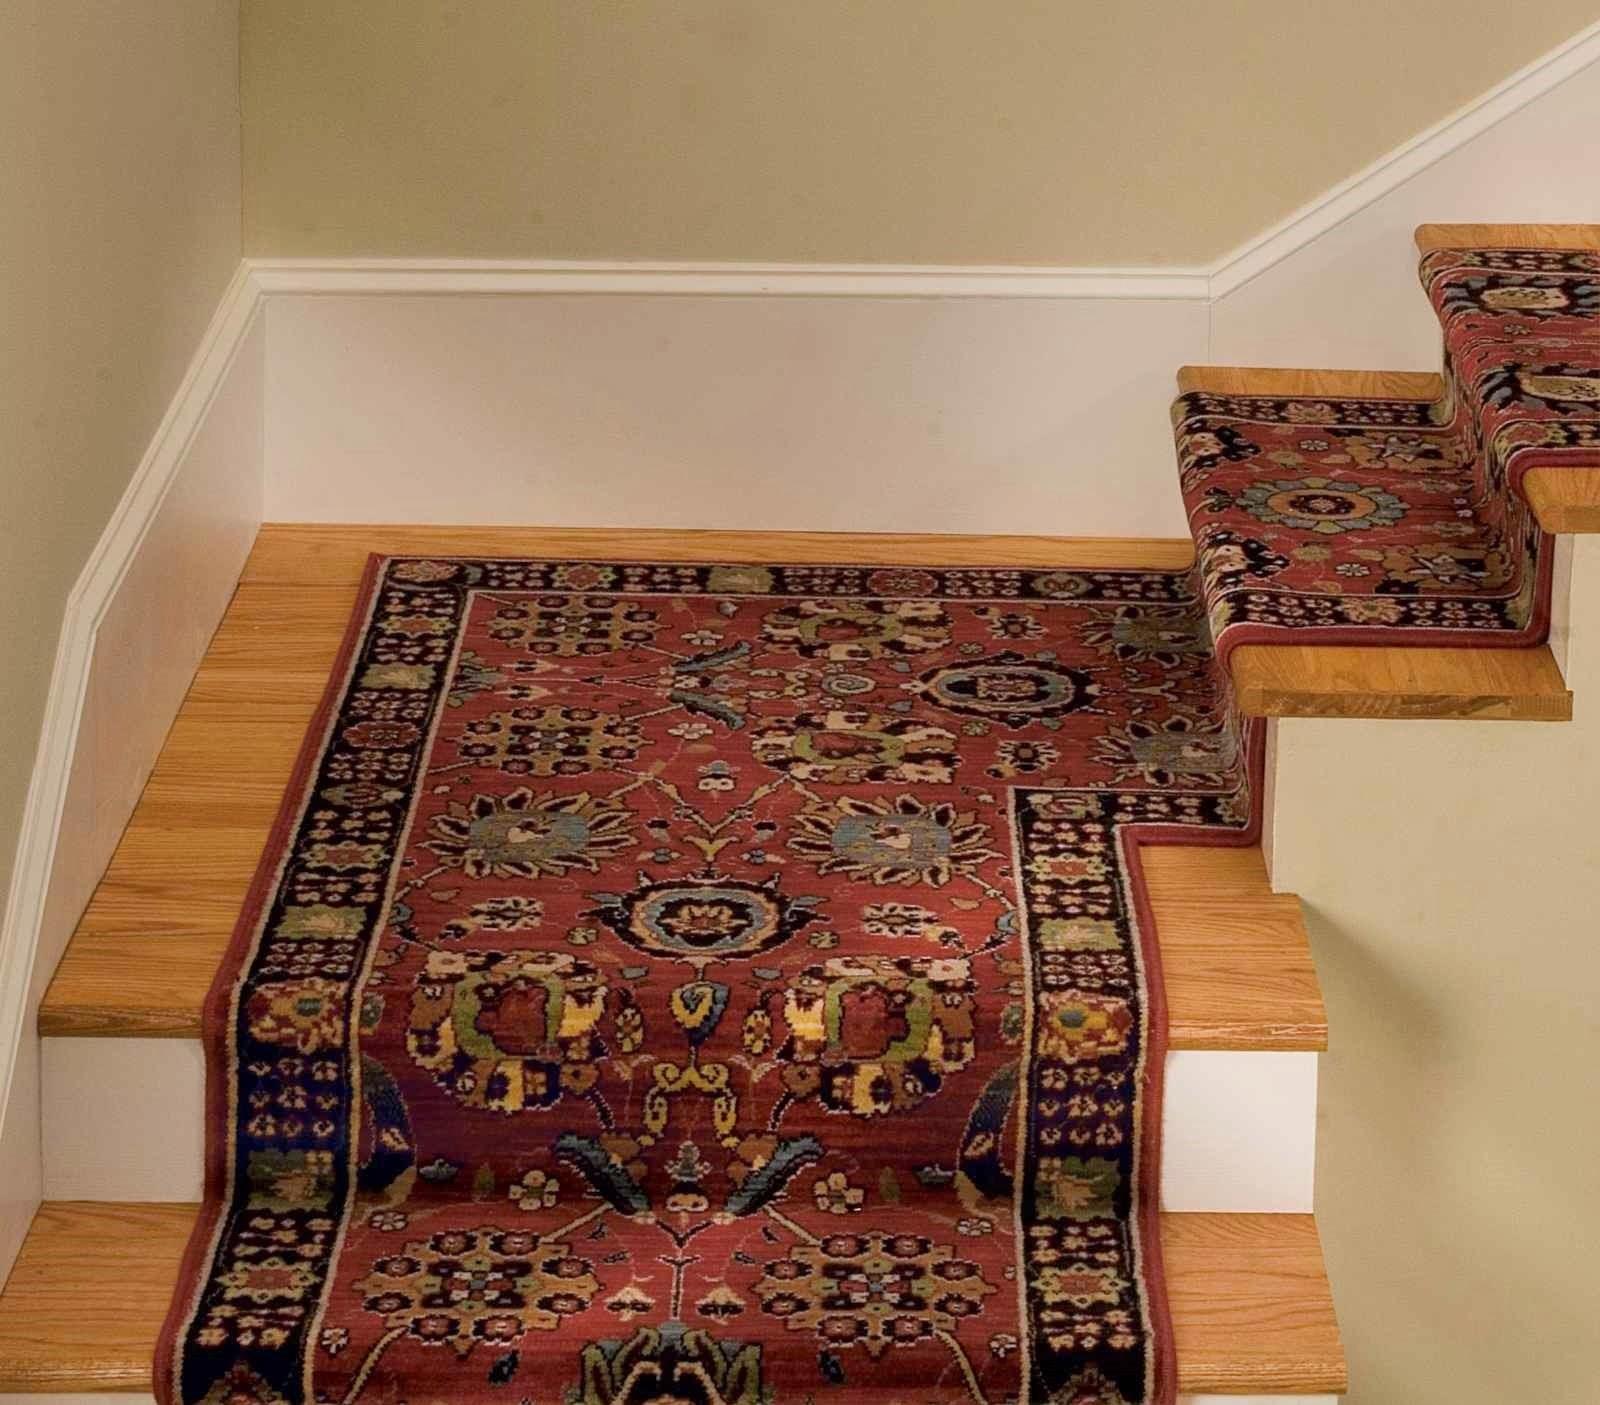 Non Slip Stair Treads Carpet Best Carpet Stair Treads Ideas Throughout Non Slip Carpet For Stairs (#15 of 20)